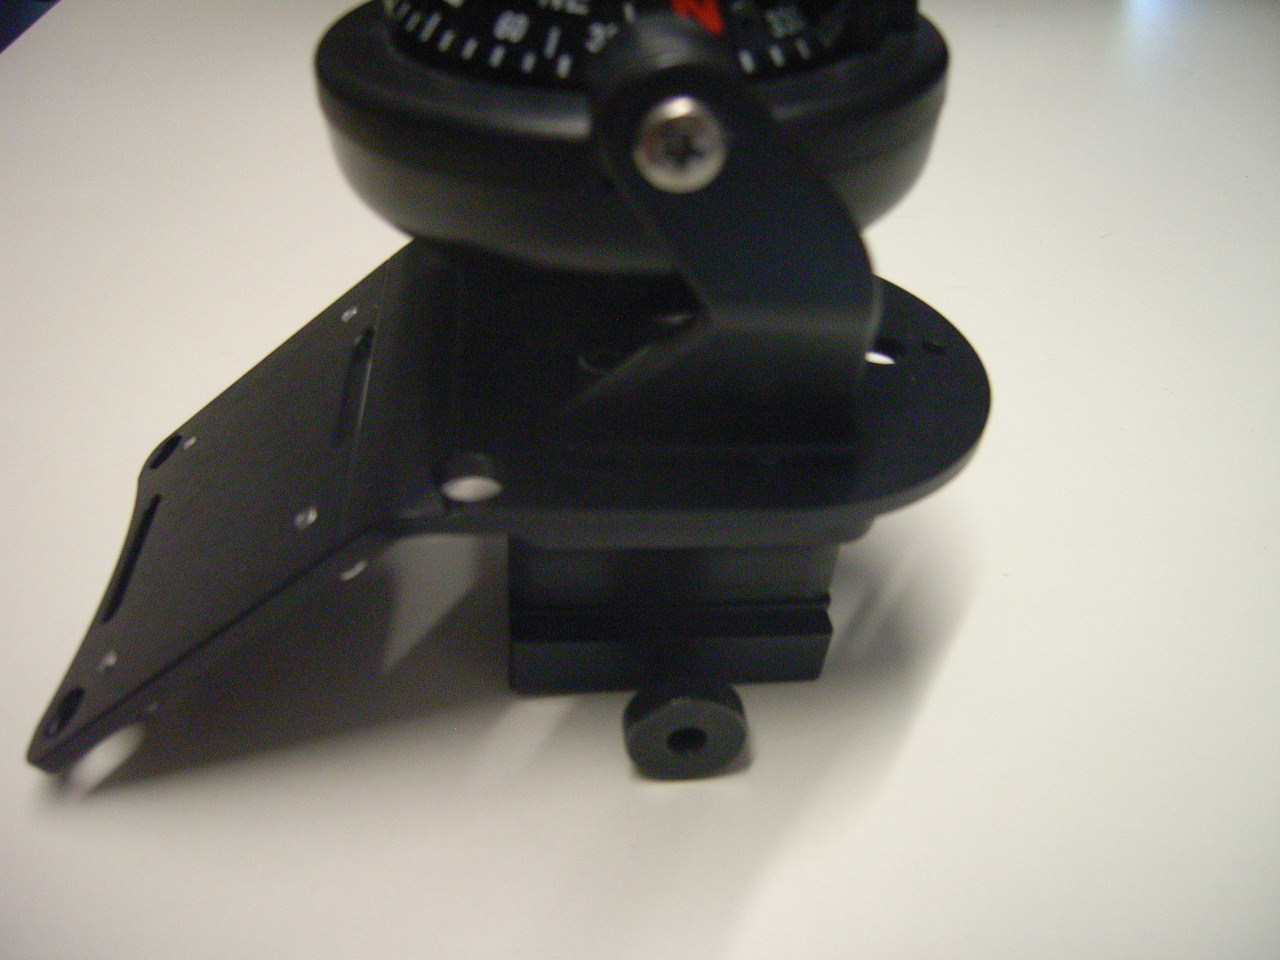 Adapter für Bonex Navi-Einheit zur Verwendung auf der Tube hinten